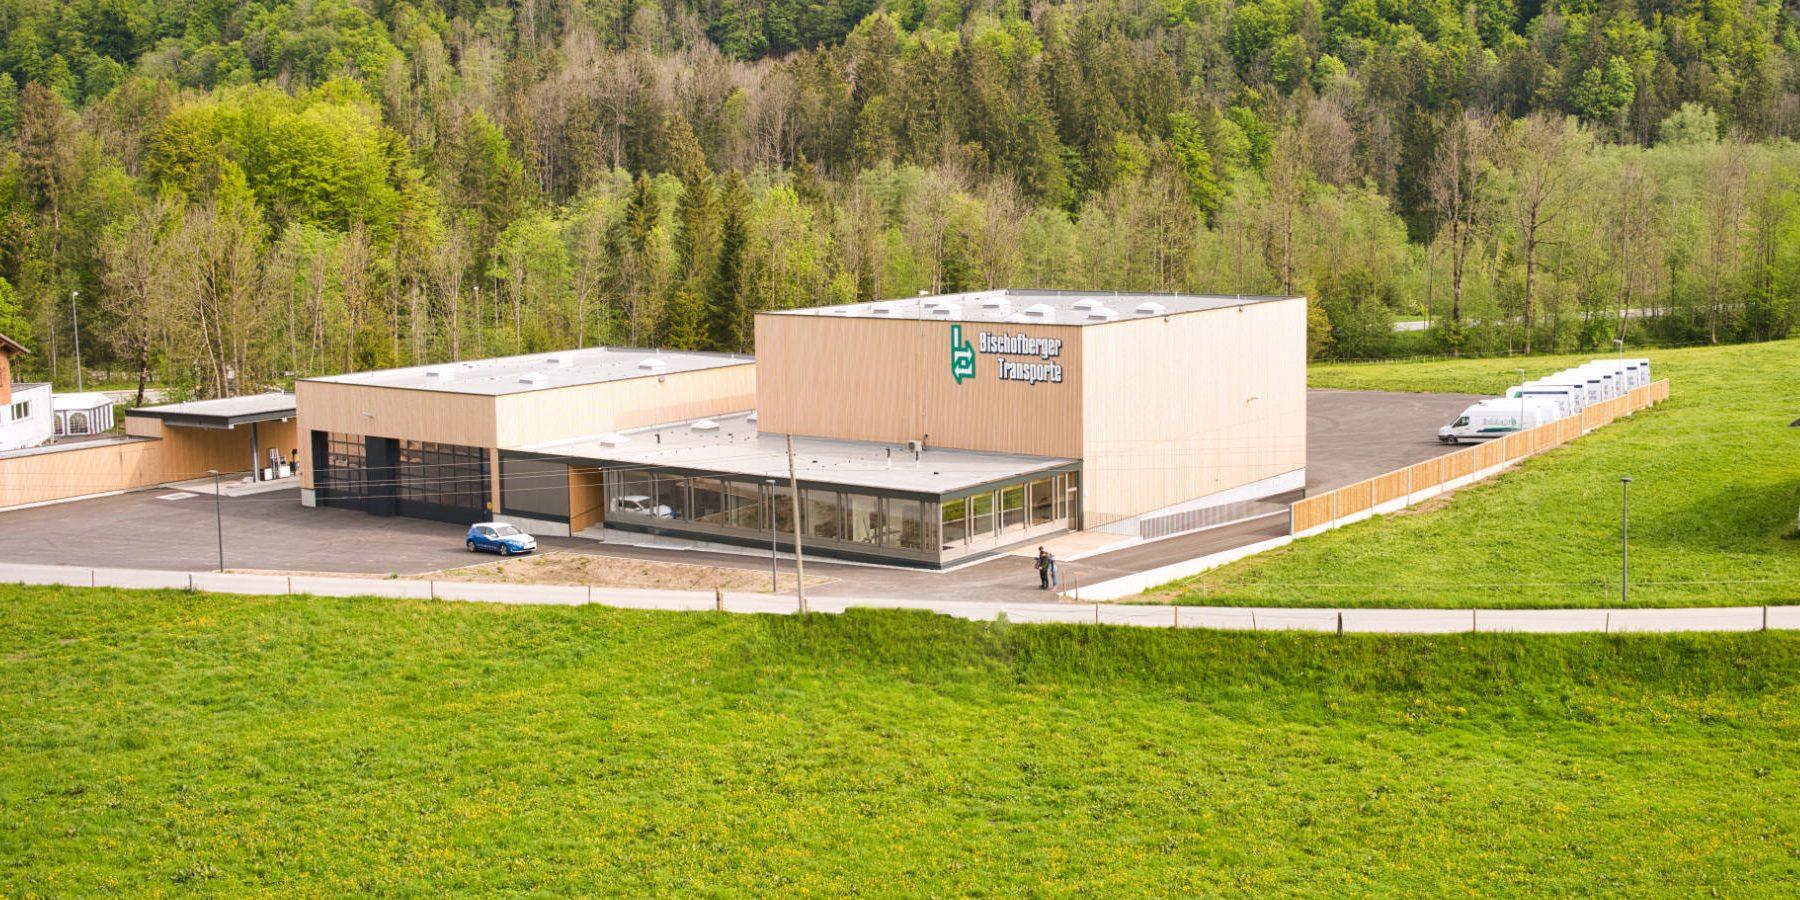 bischofberger-transporte-unternehmensgebäude